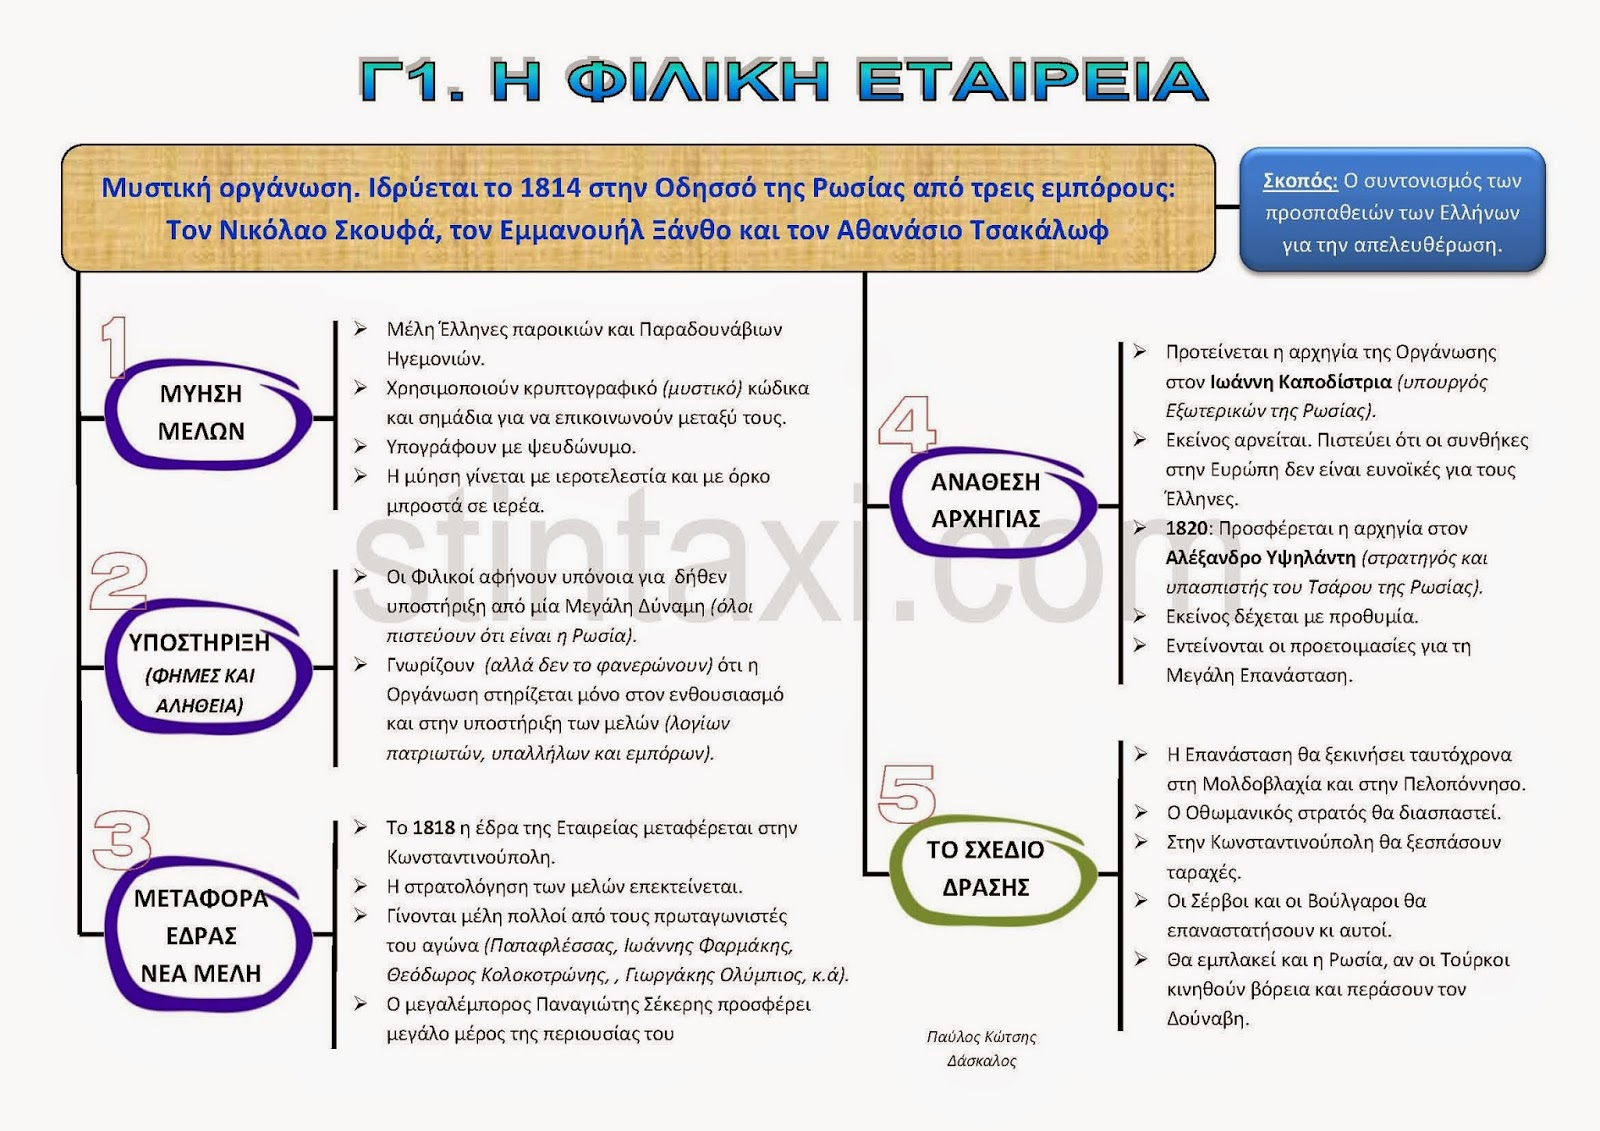 http://www.stintaxi.com/uploads/1/3/1/0/13100858/c1-filiki-etairia-v2.1.pdf